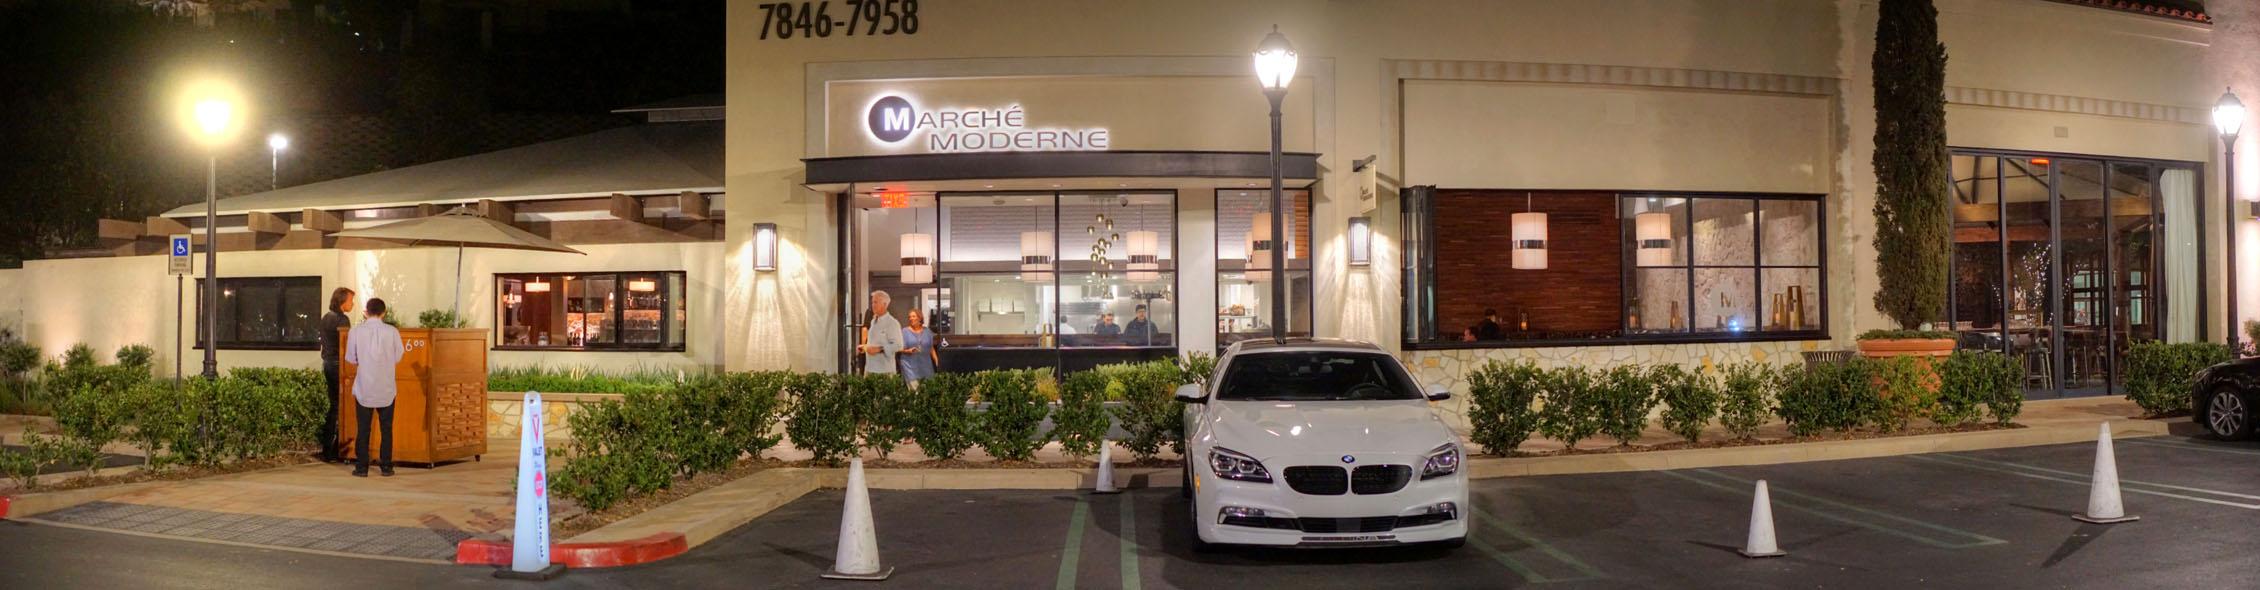 Marché Moderne Exterior